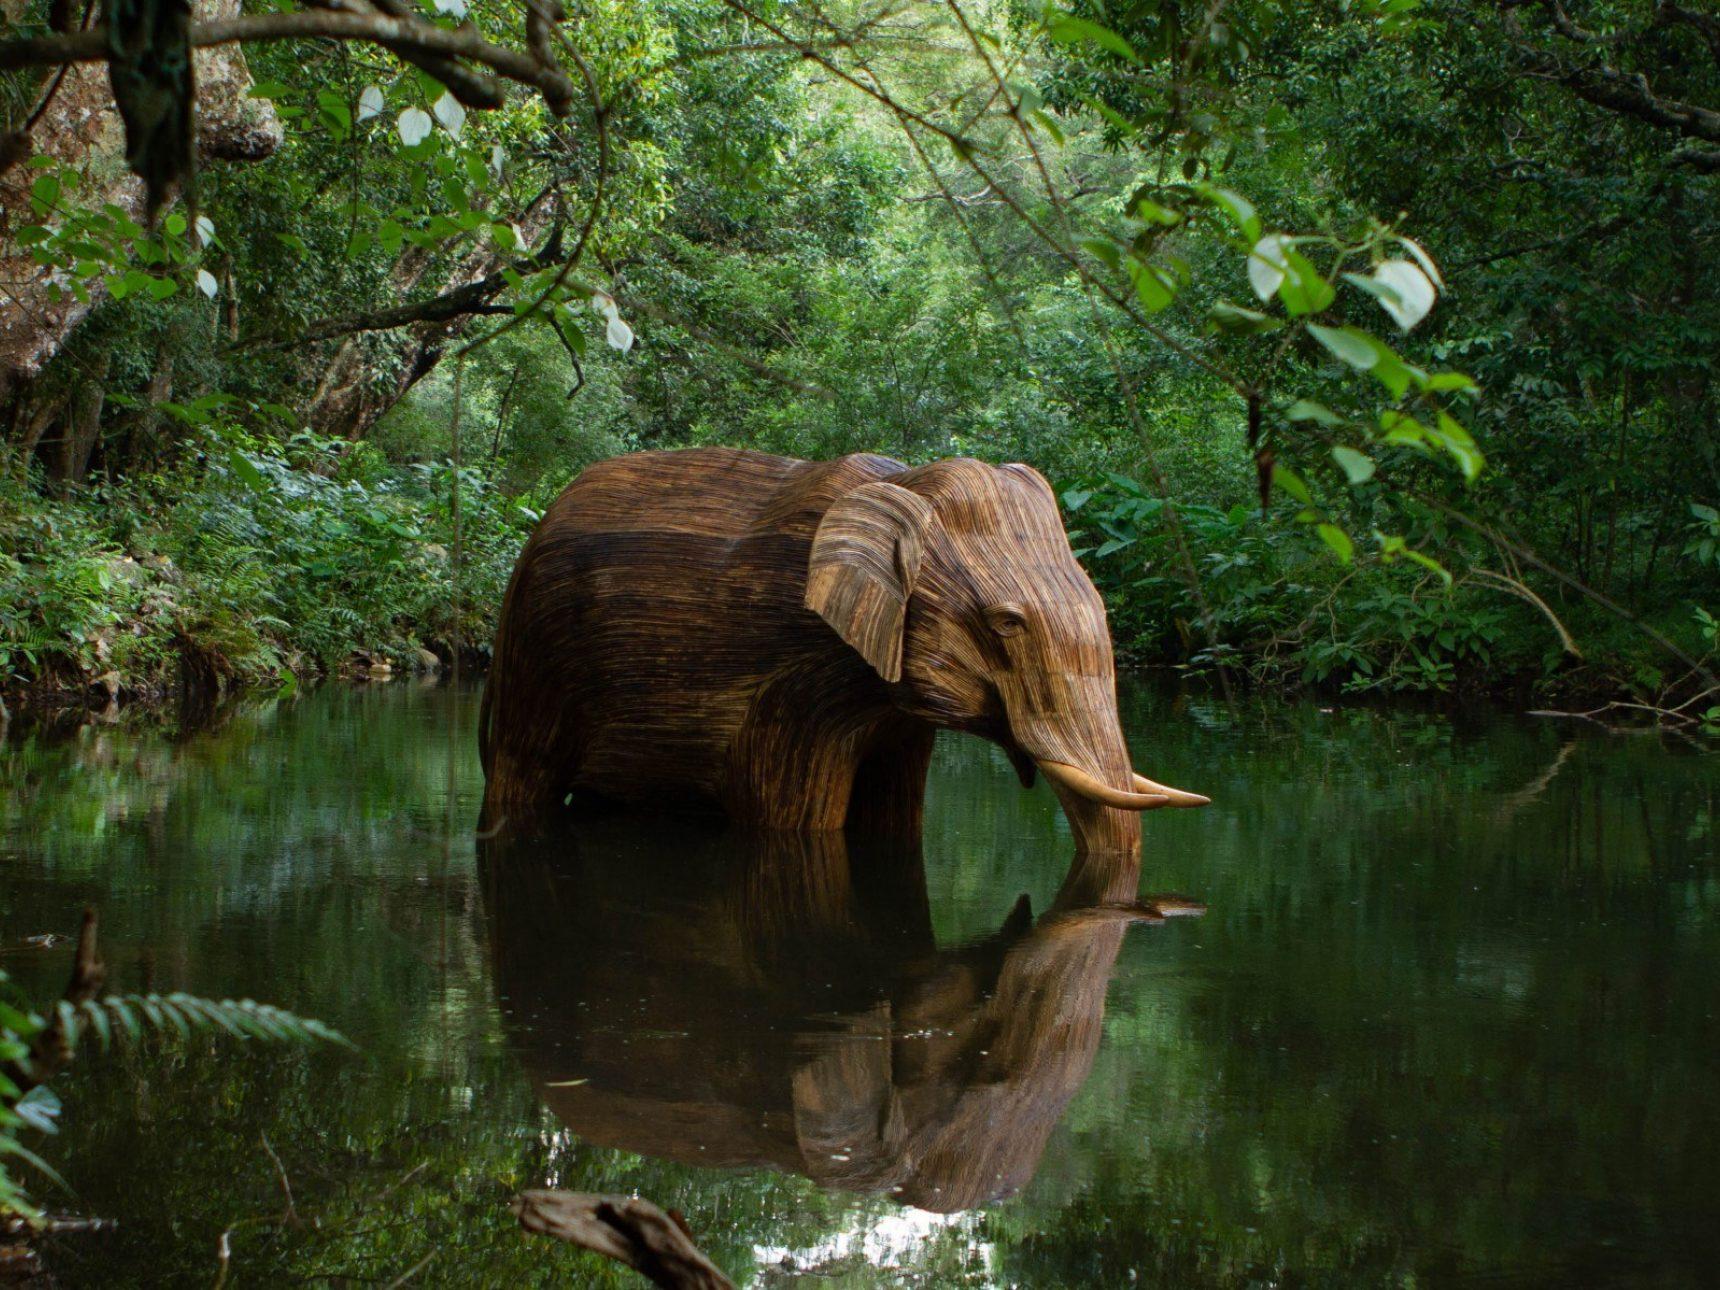 Lone elephant bathing in water